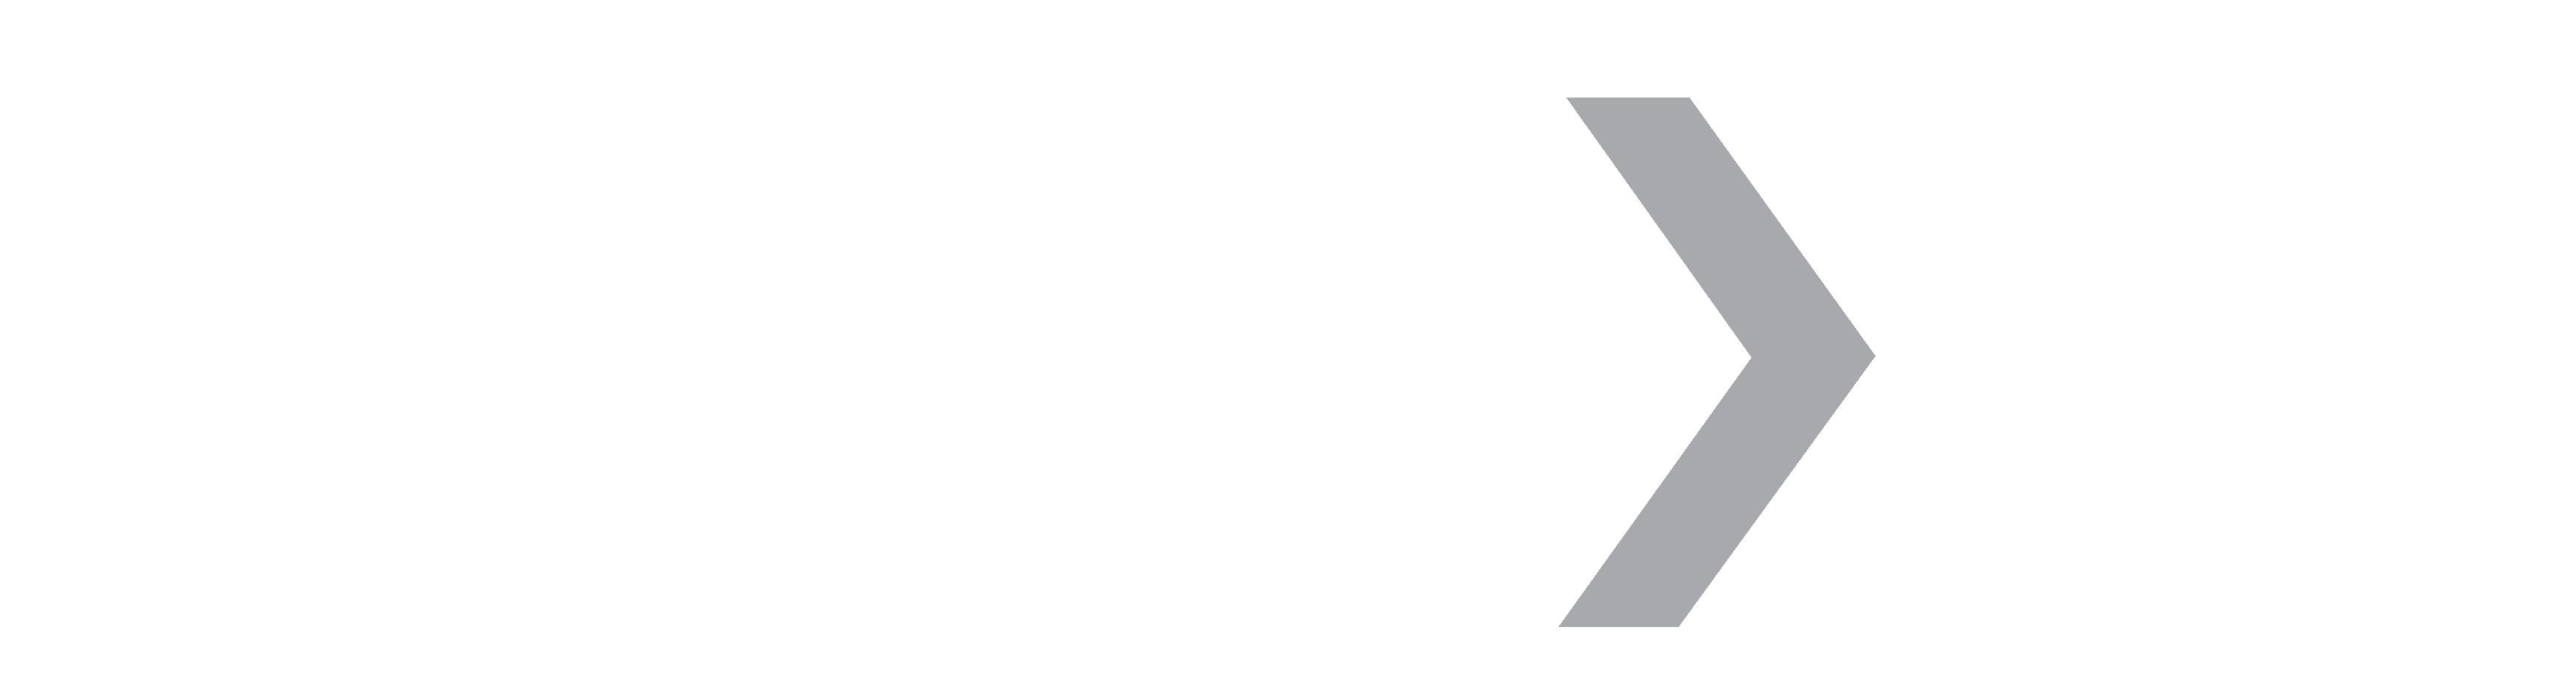 TRUXT